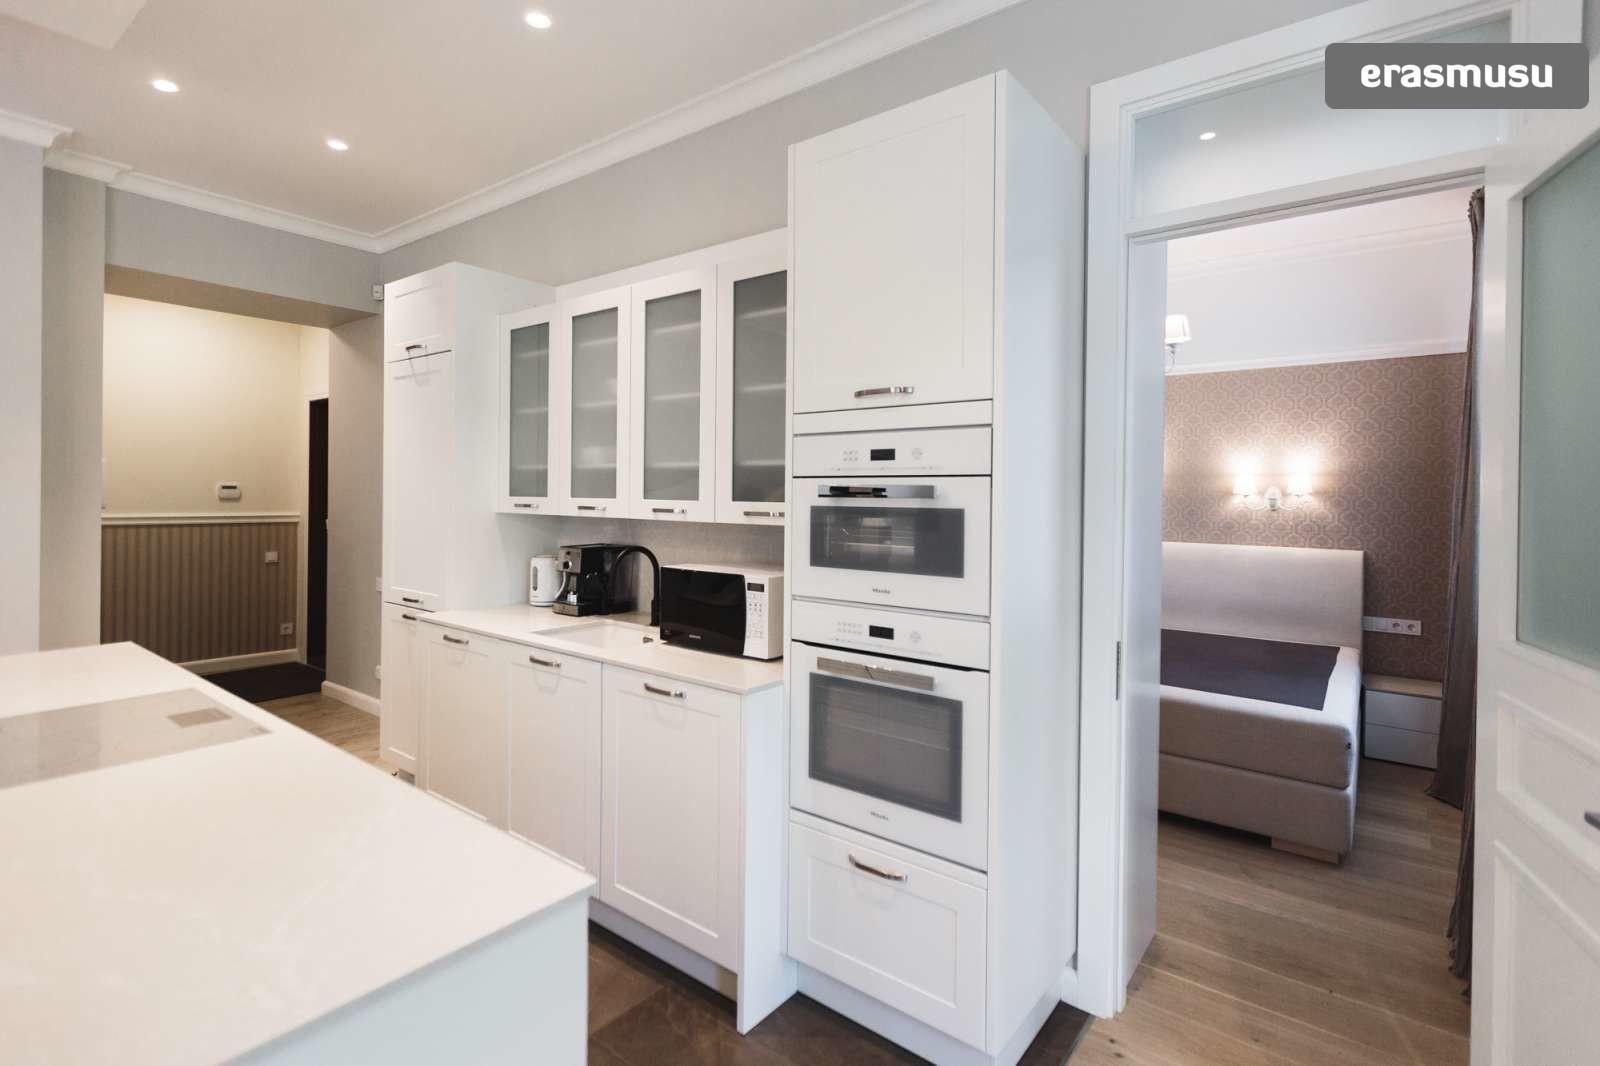 elegant-1-bedroom-apartment-rent-centrs-1f8b26299cf2e7f5afa2c082